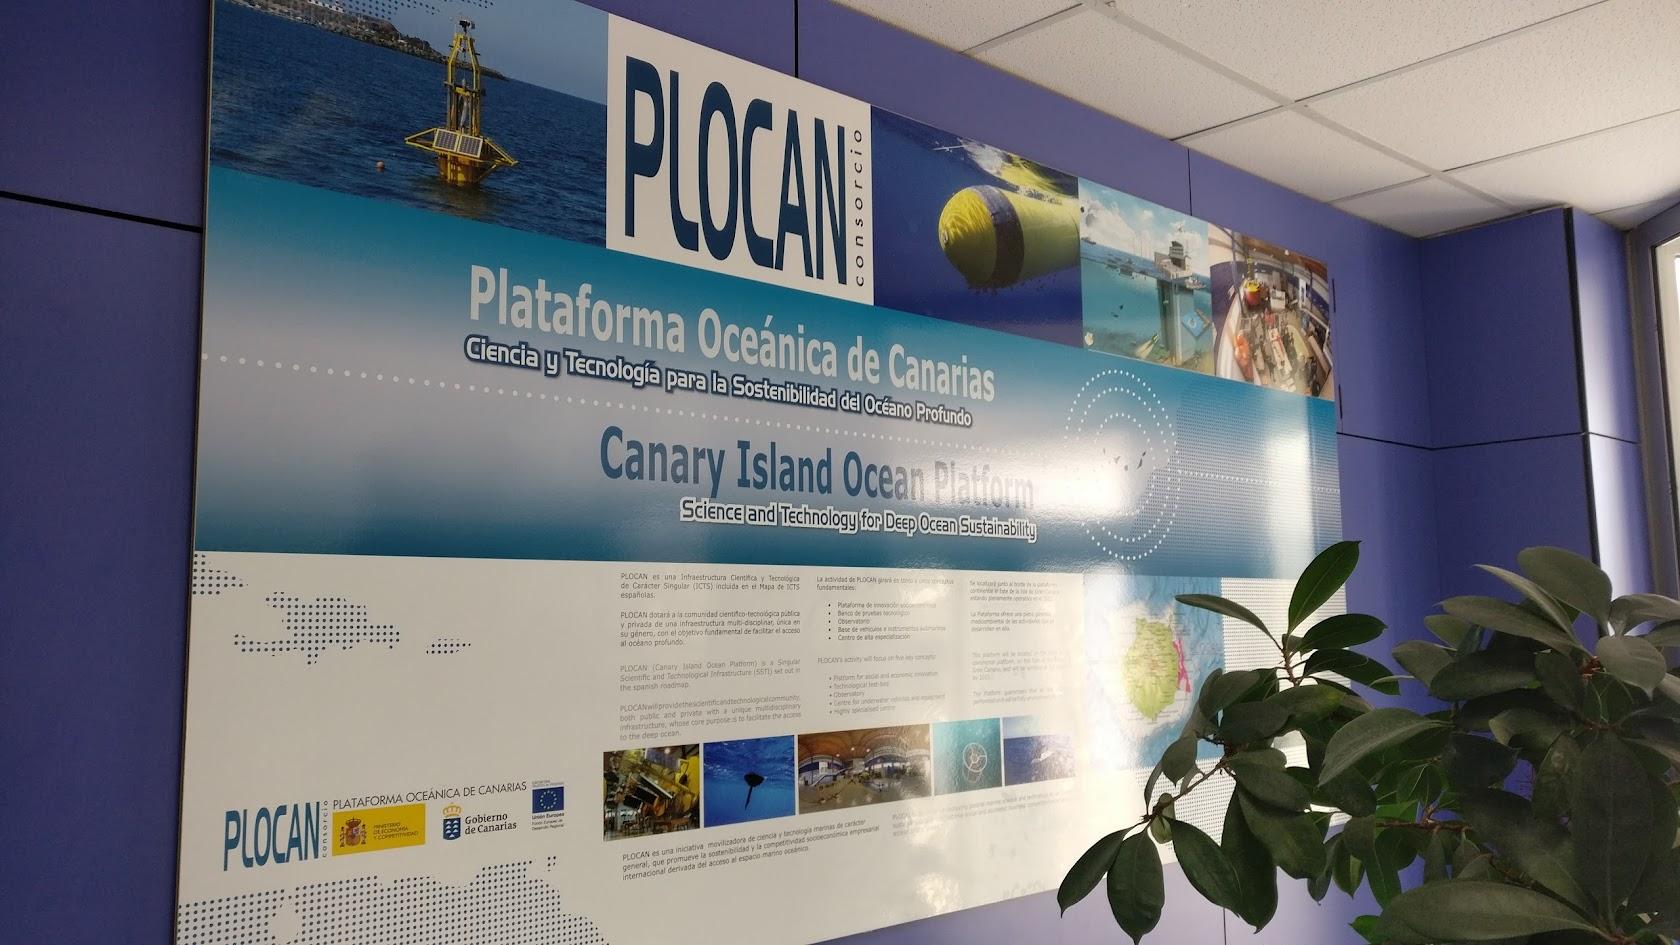 Una interesante visita sobre #Drones submarinos, al @plocan Plataforma Oceánica de Canarias